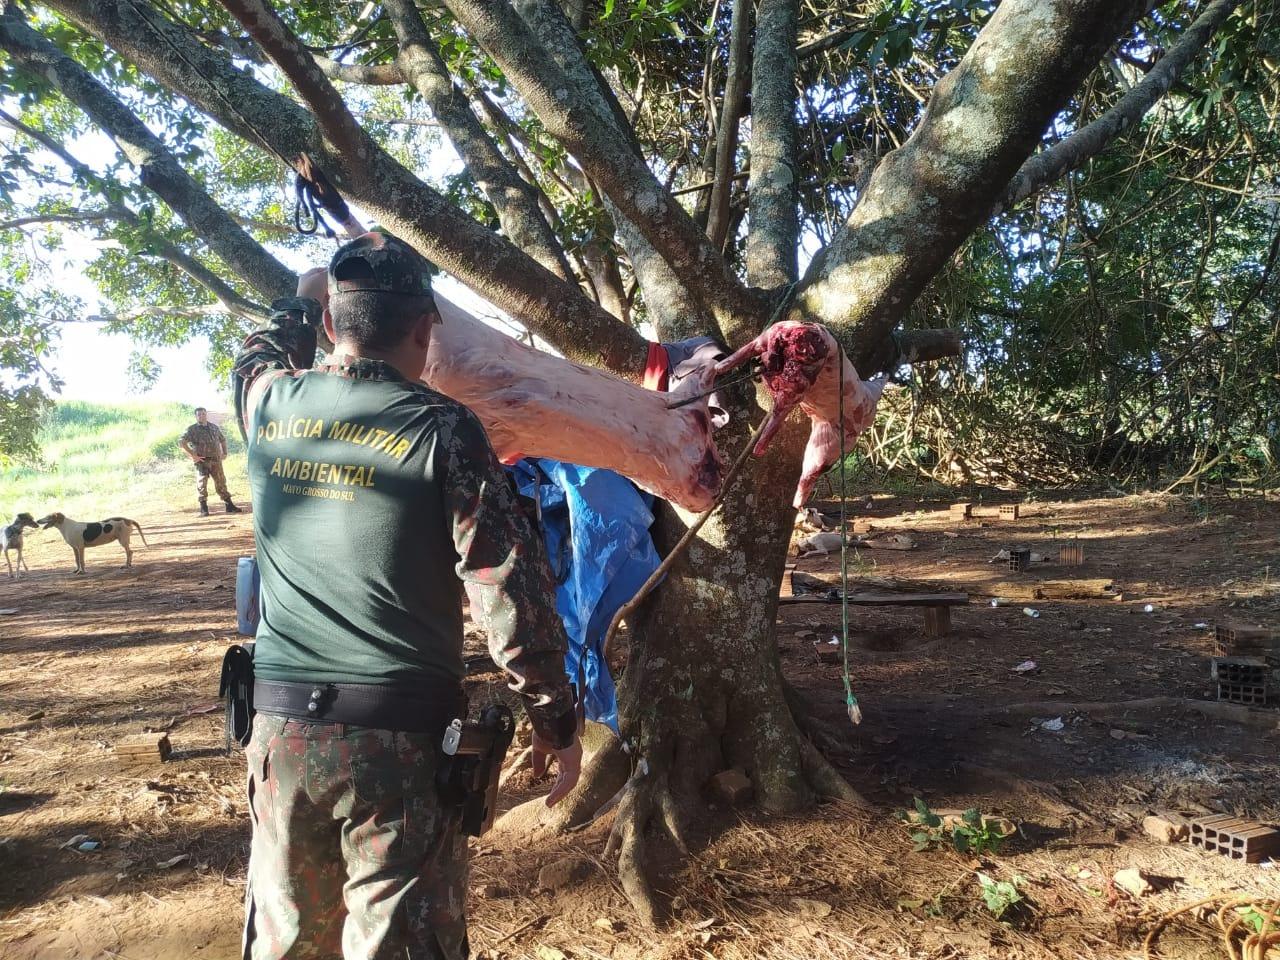 Polícia Militar Ambiental prende cinco caçadores em Nova Alvorada do Sul